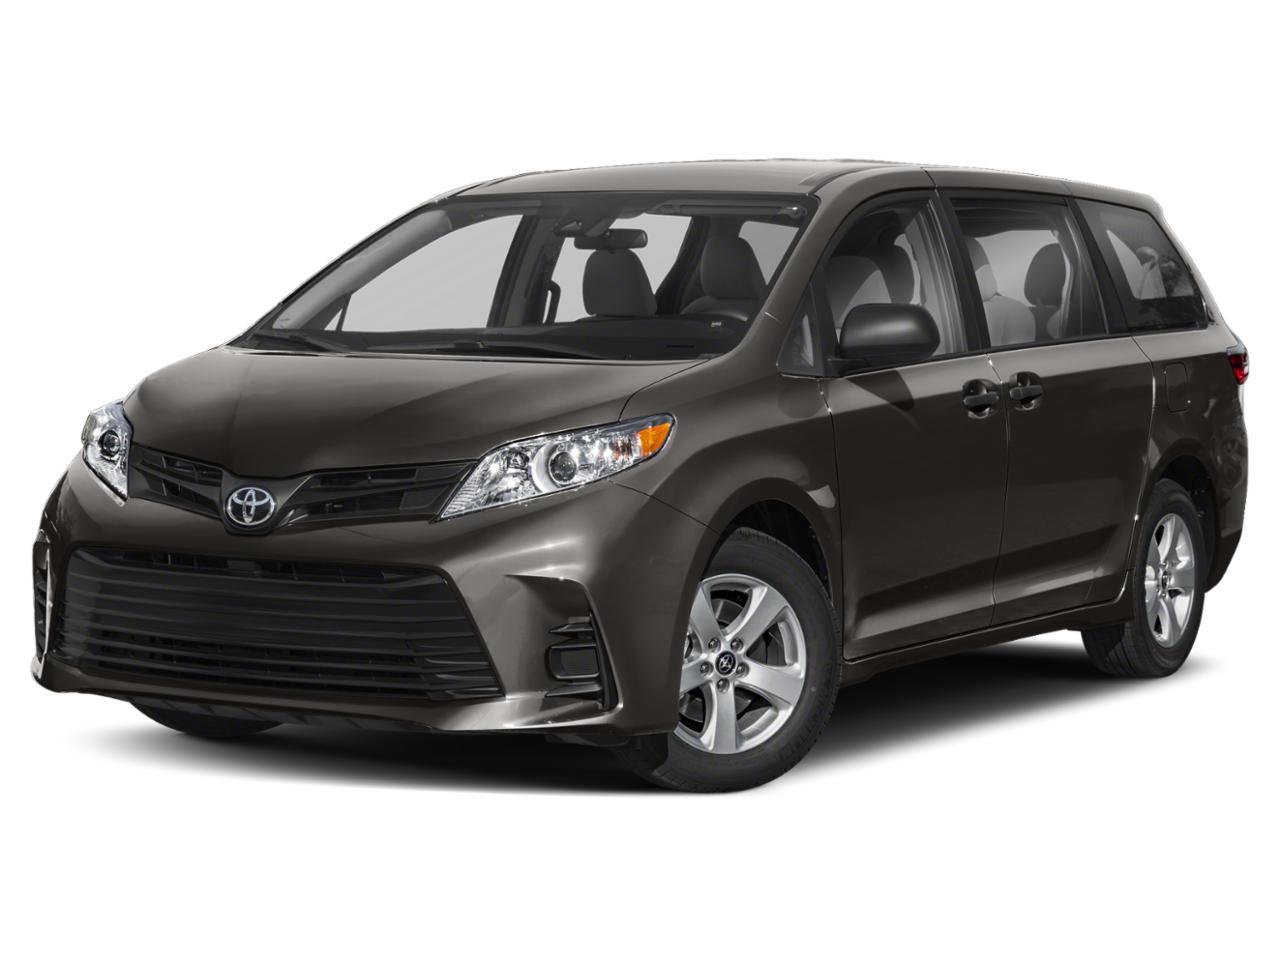 2018 Toyota Sienna Vehicle Photo in Richmond, TX 77469